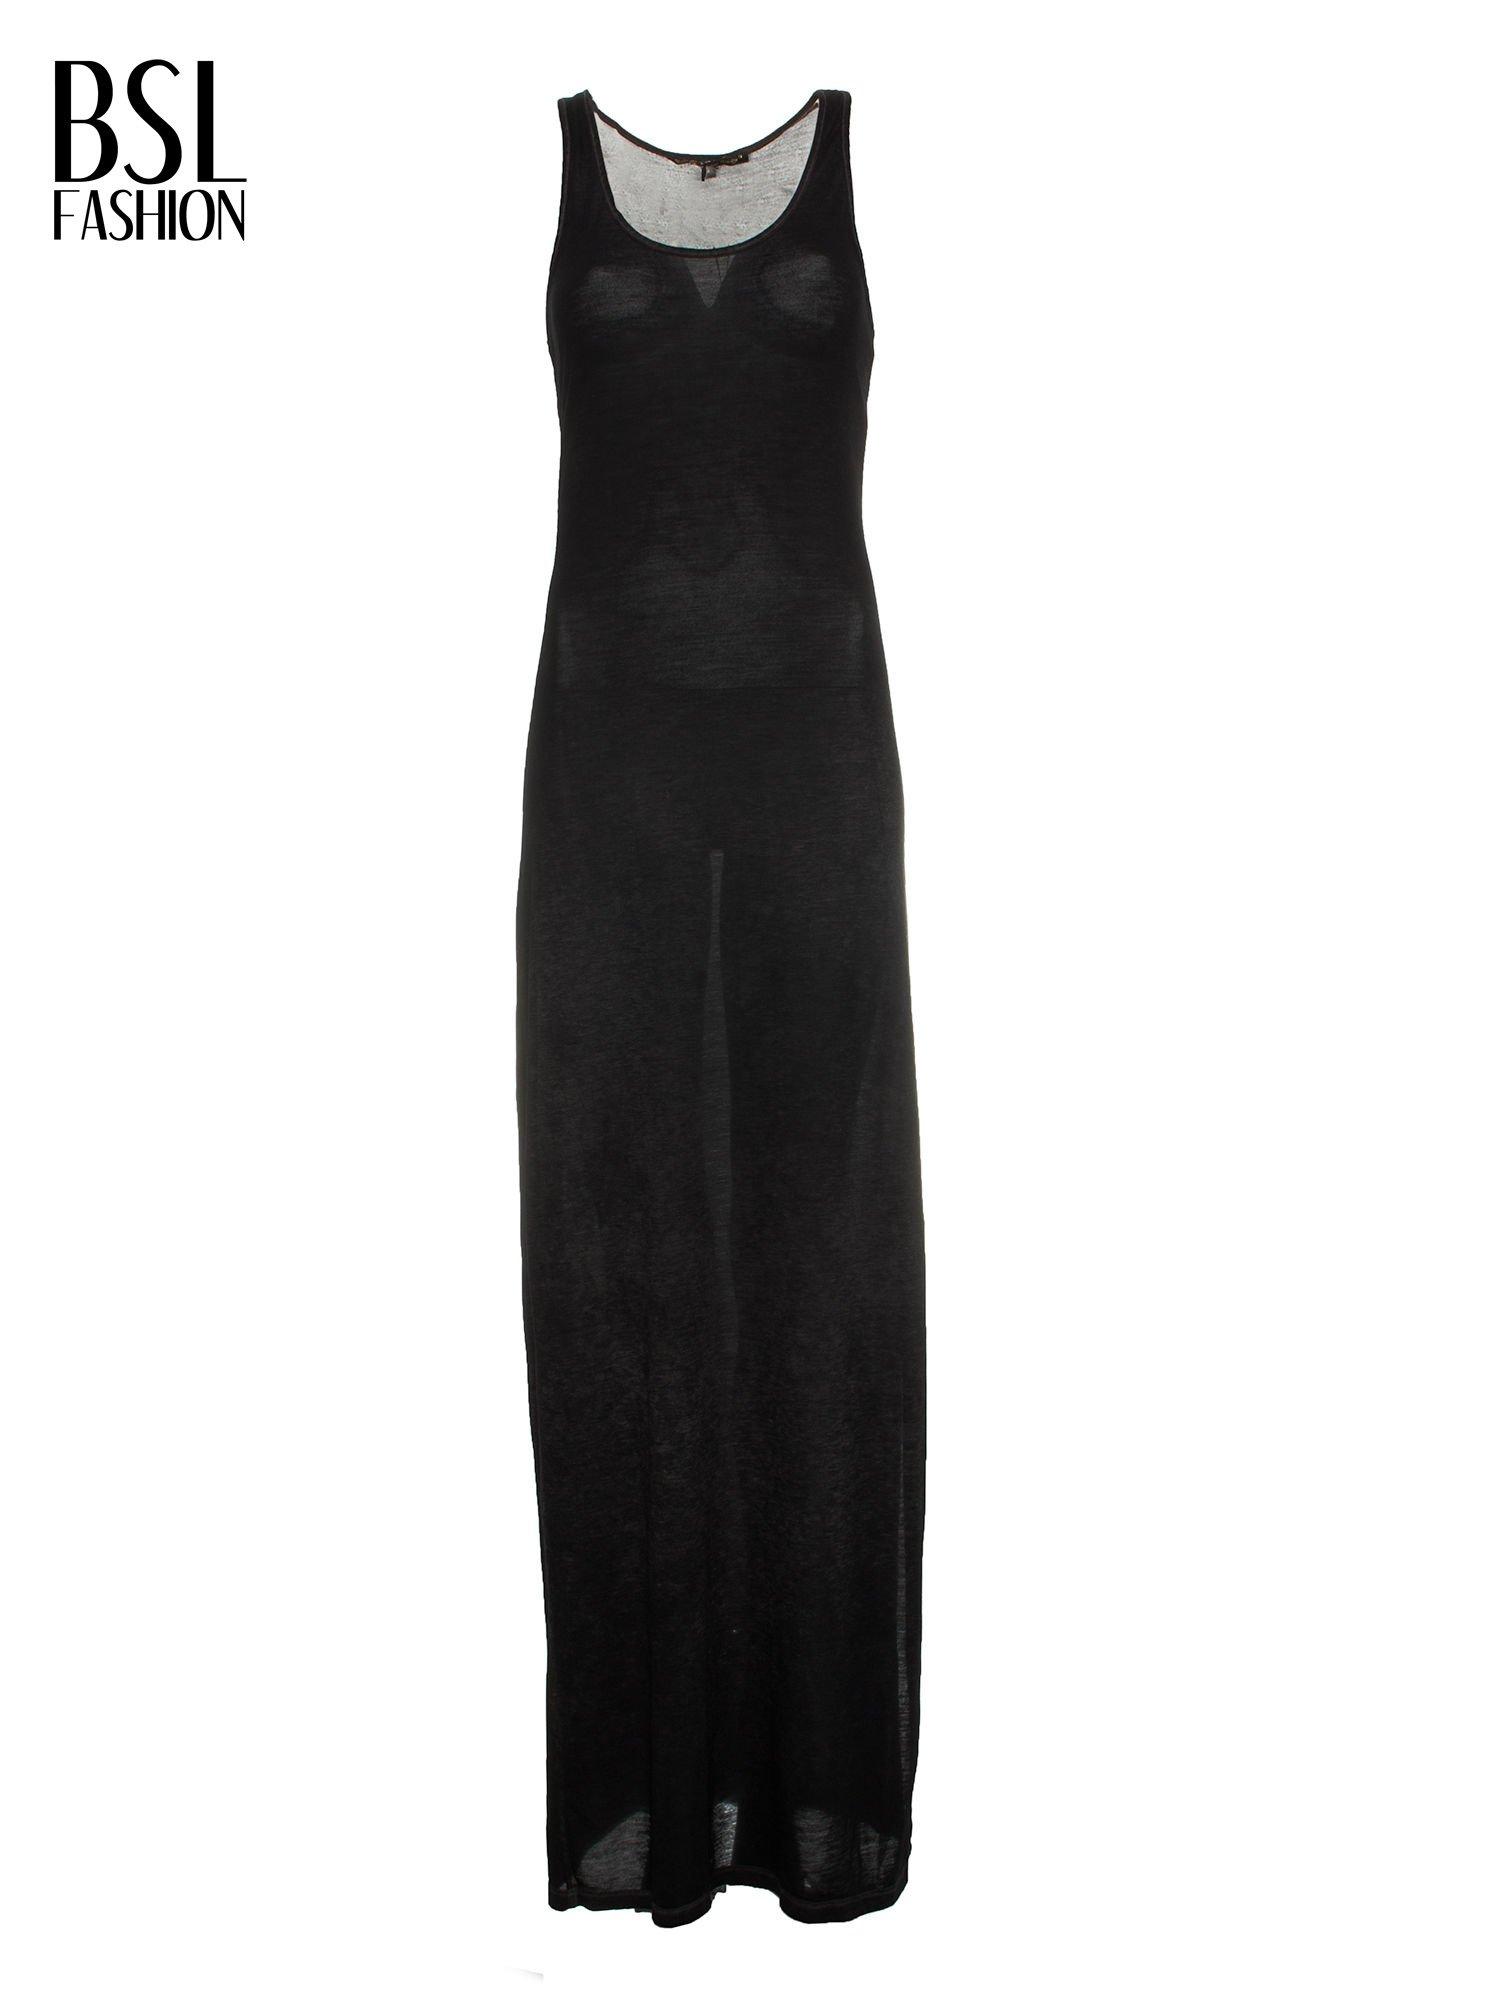 Czarna sukienka maxi z efektem sprania                                  zdj.                                  4